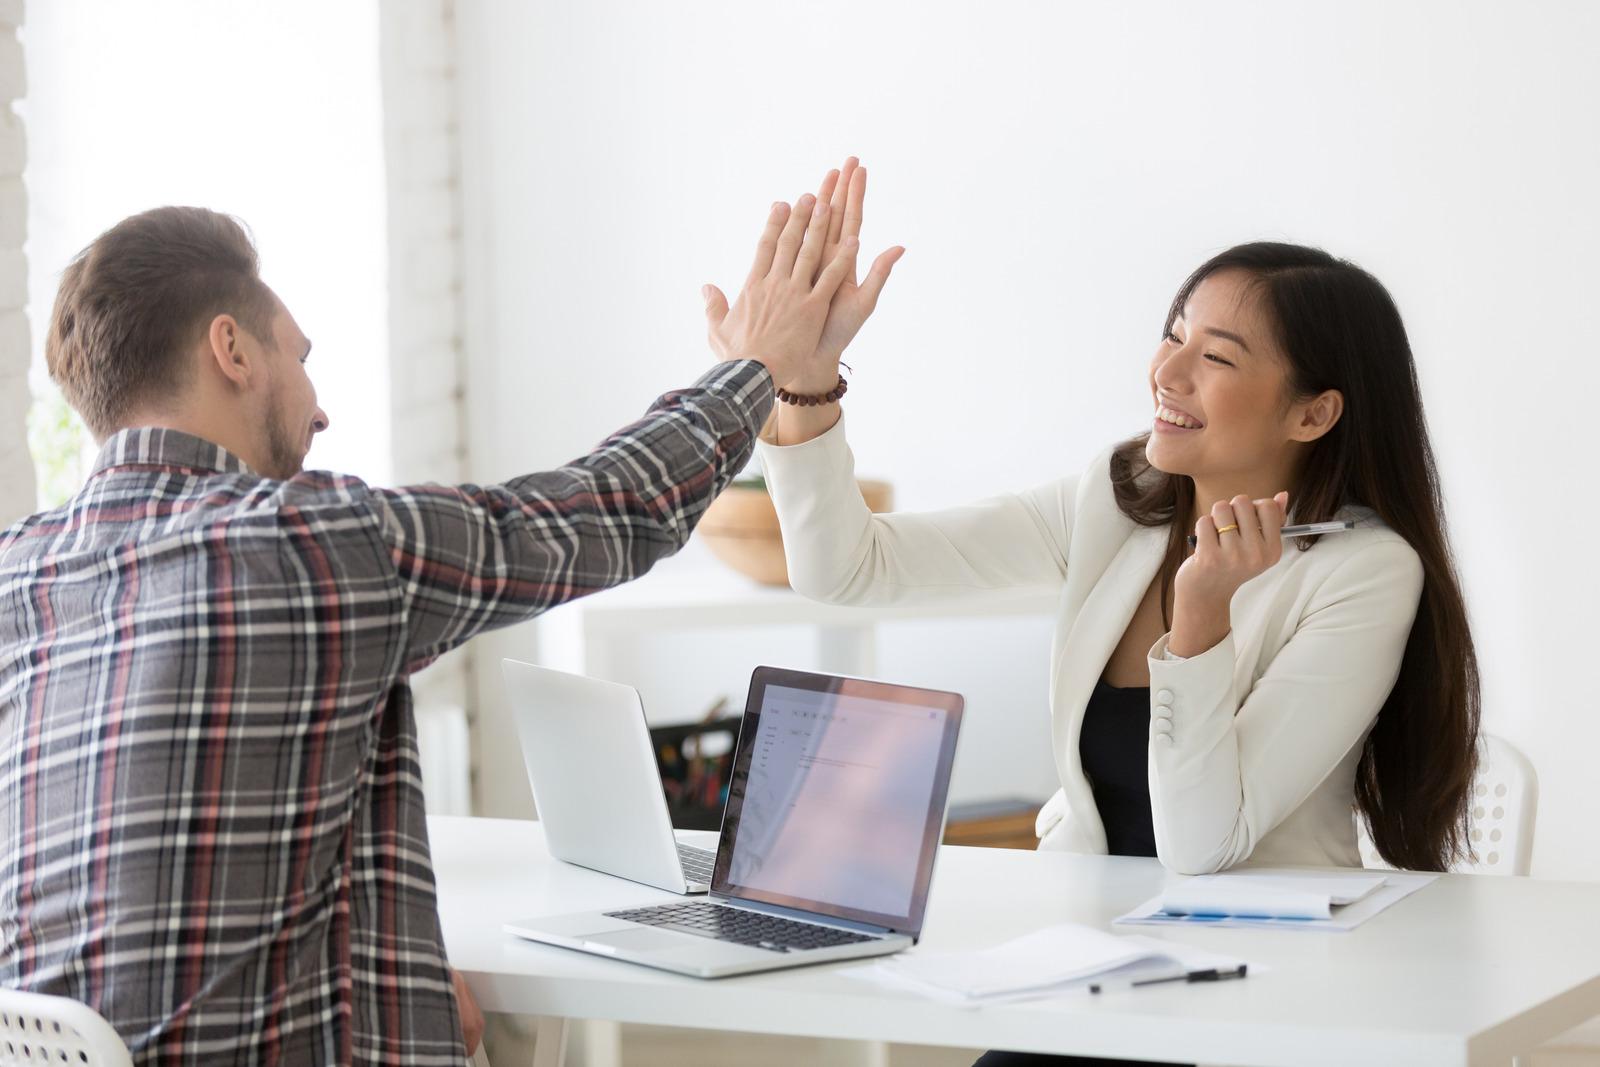 training sales teams